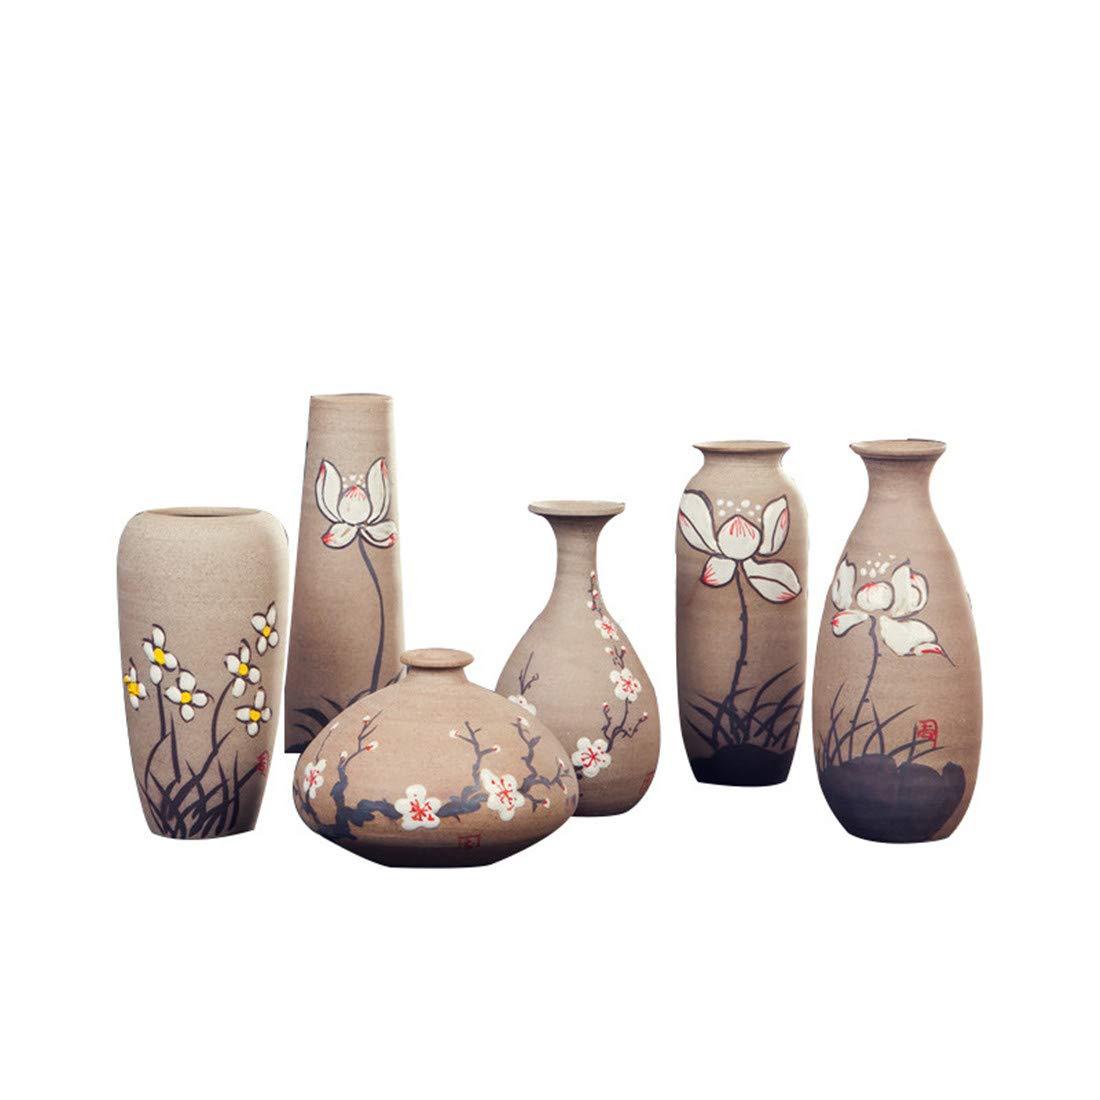 OWNFSKNL 景徳鎮中国風の手描きの小さな花セラミック花瓶はリビングルームのポーチの装飾に適して   B07QKCBY44